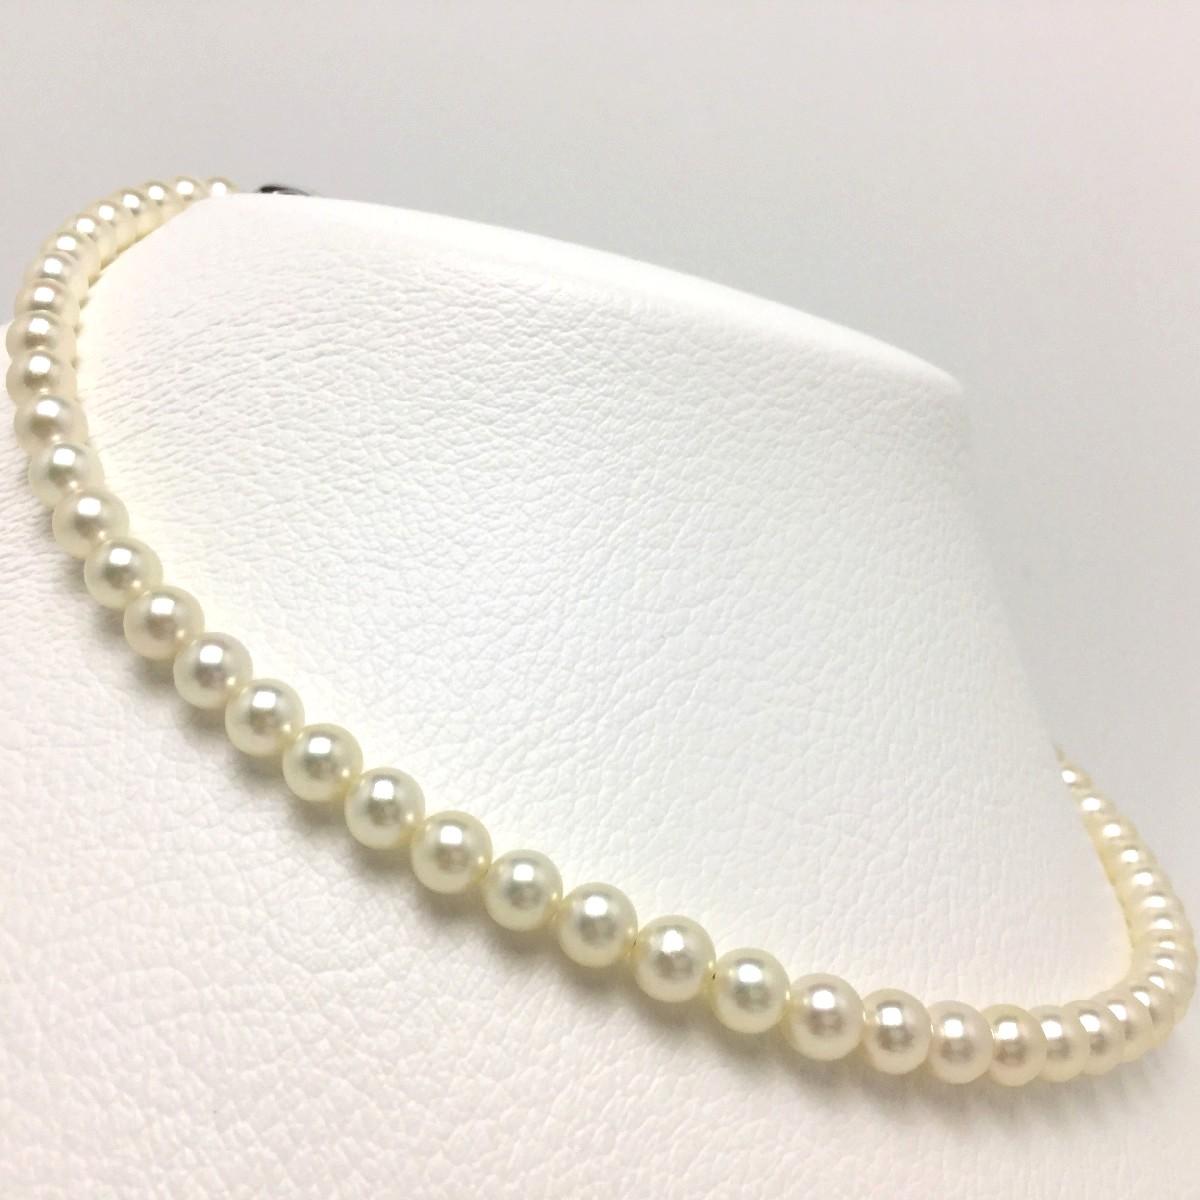 真珠 ネックレス パール アコヤ真珠 6.0-6.5mm シャンパンホワイト(無調色) シルバー クラスップ 67197 イソワパール